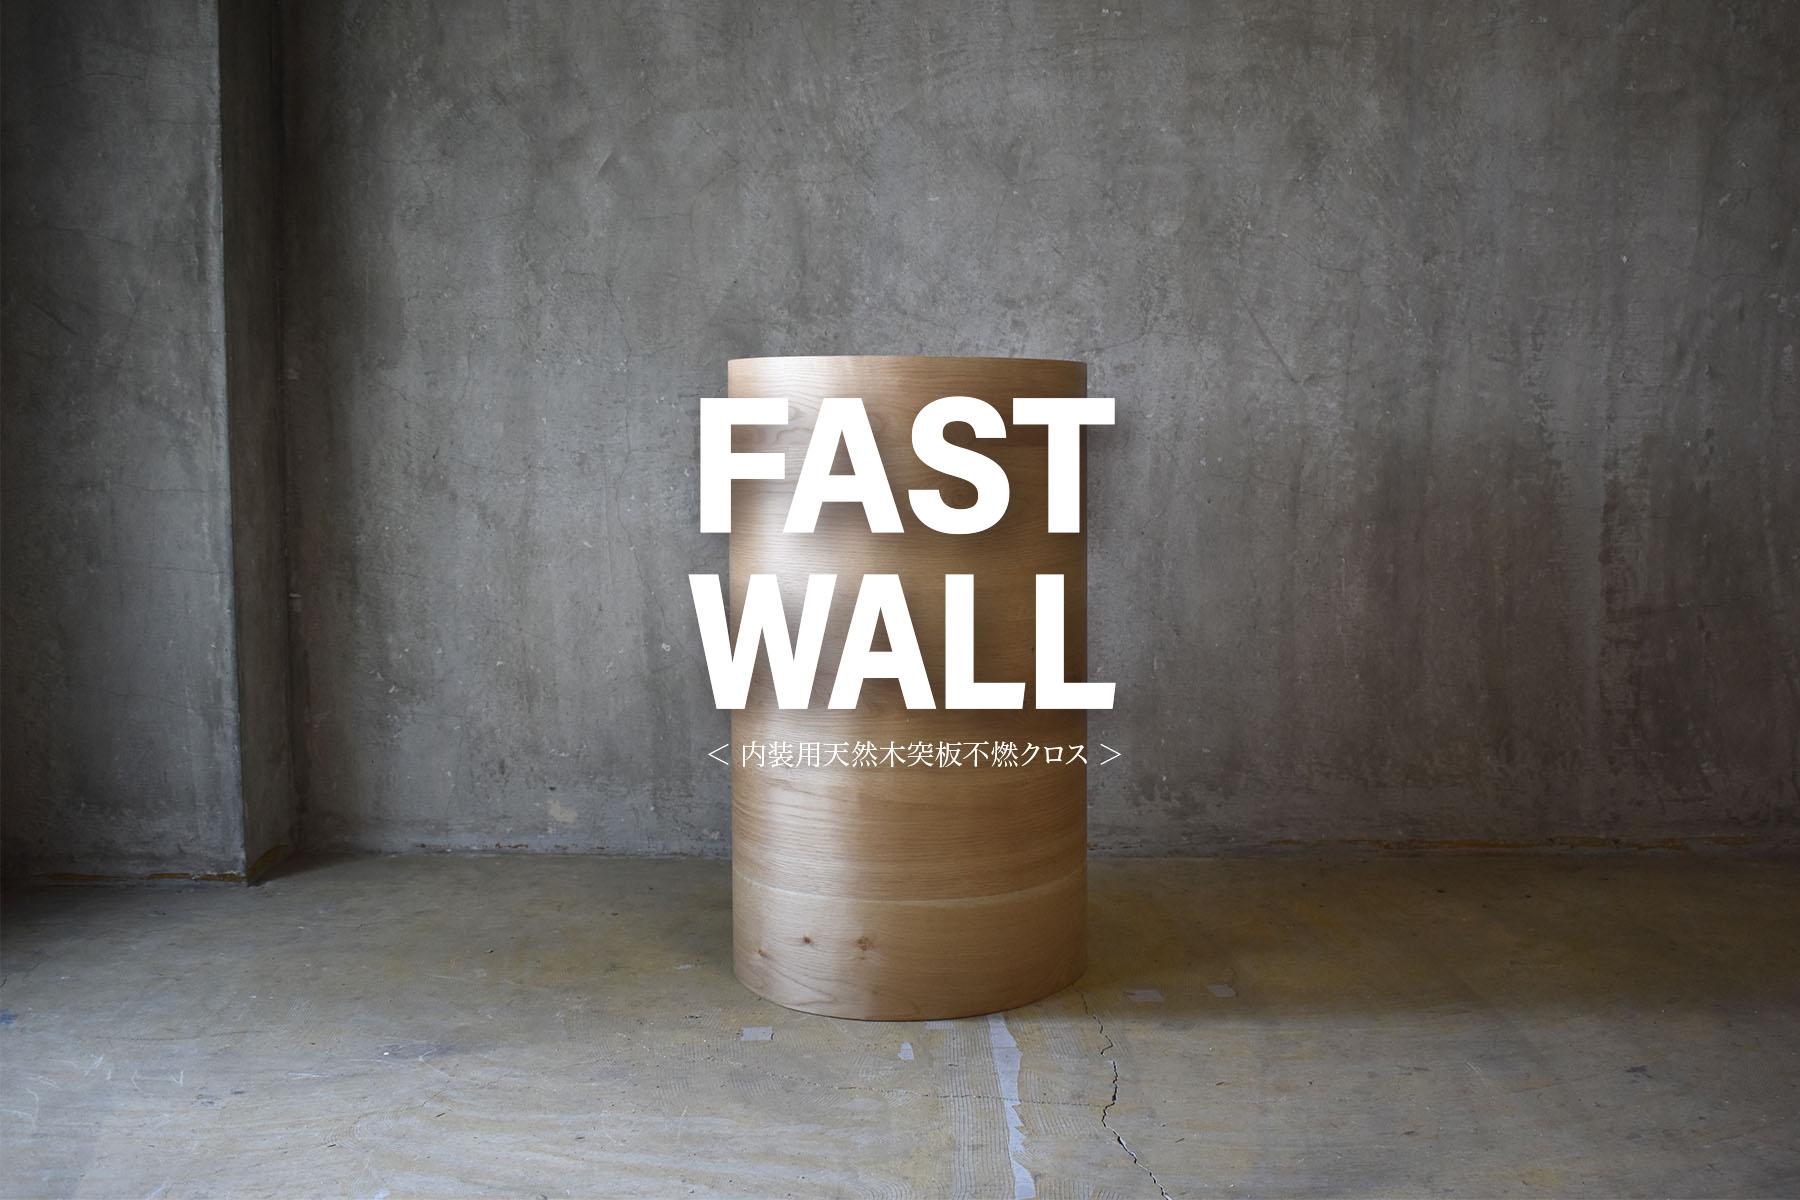 FAST WALL商品説明